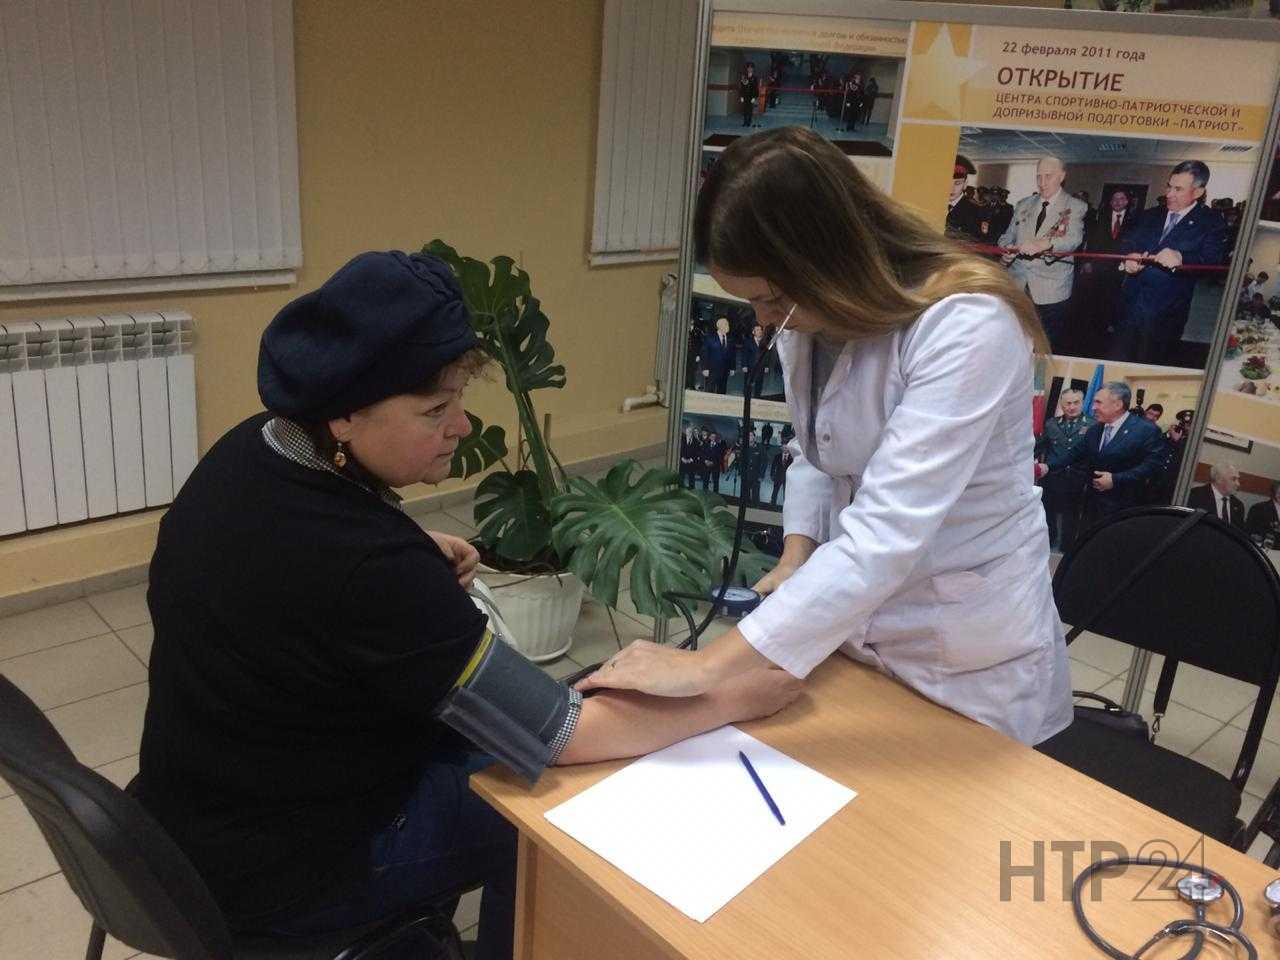 В Нижнекамске во время акции «Здоровый поселок» врачи спасли мужчину от инфаркта